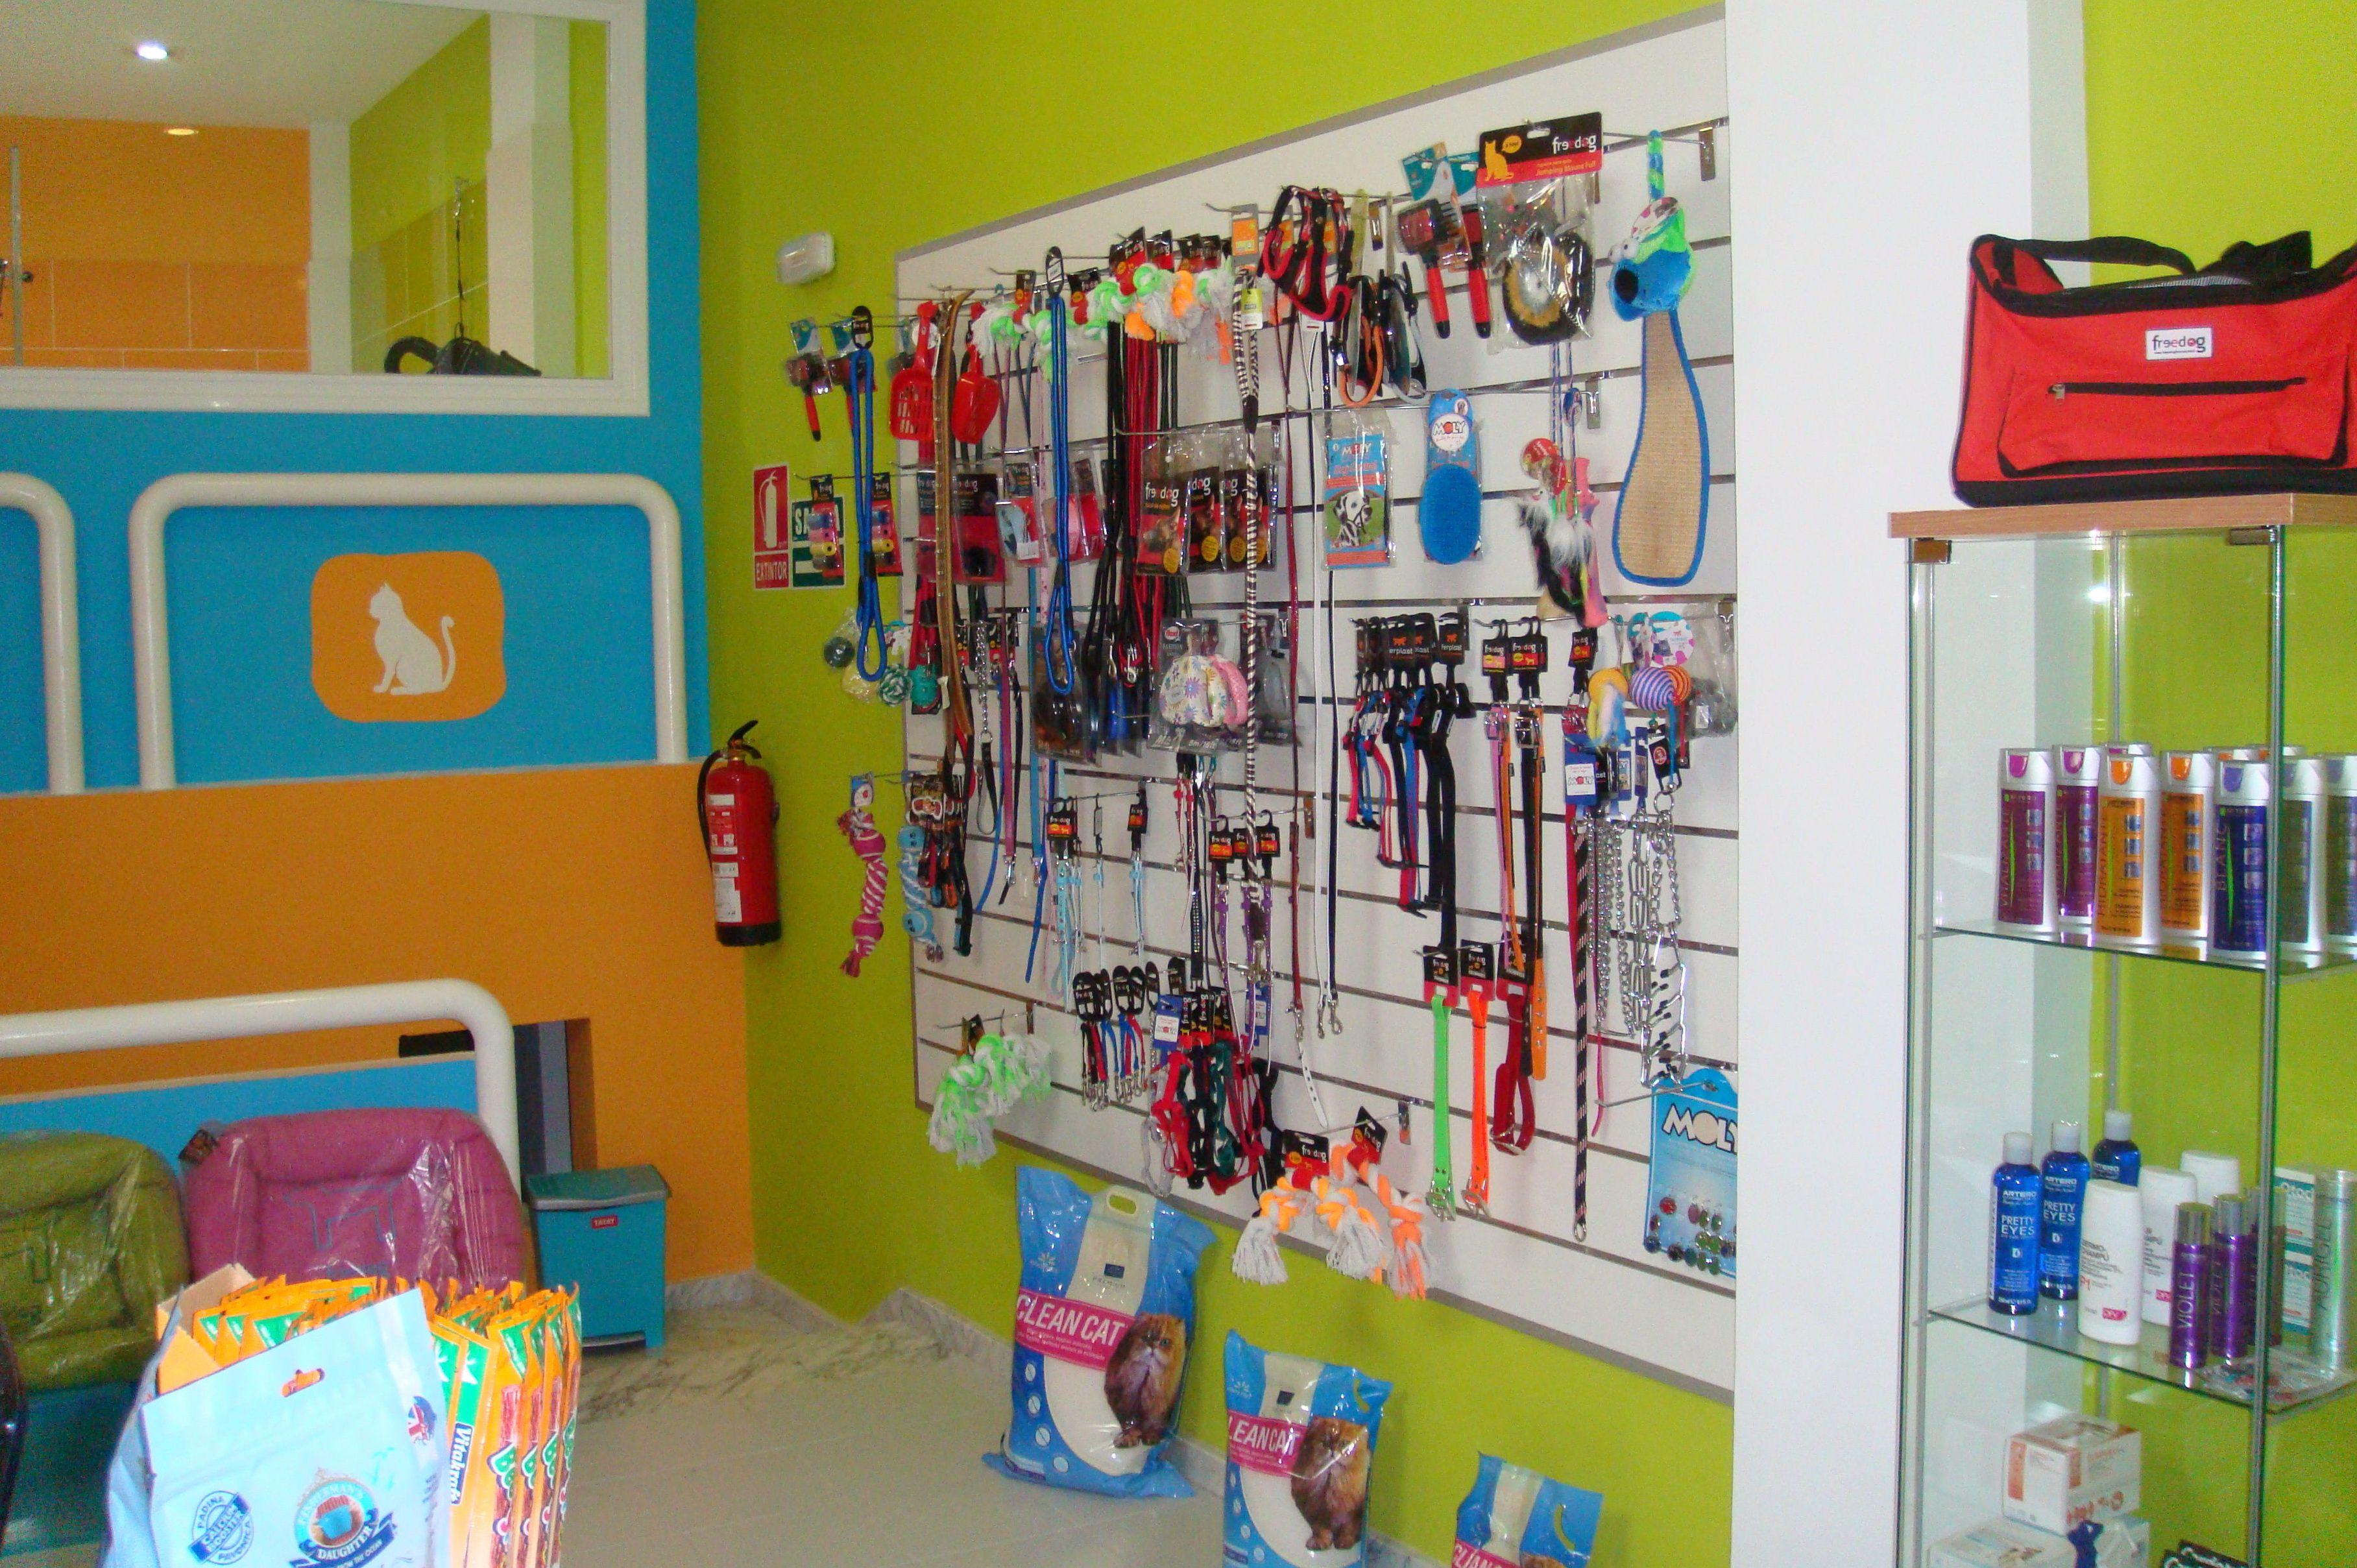 Tienda de accesorios para mascotas en Tenerife